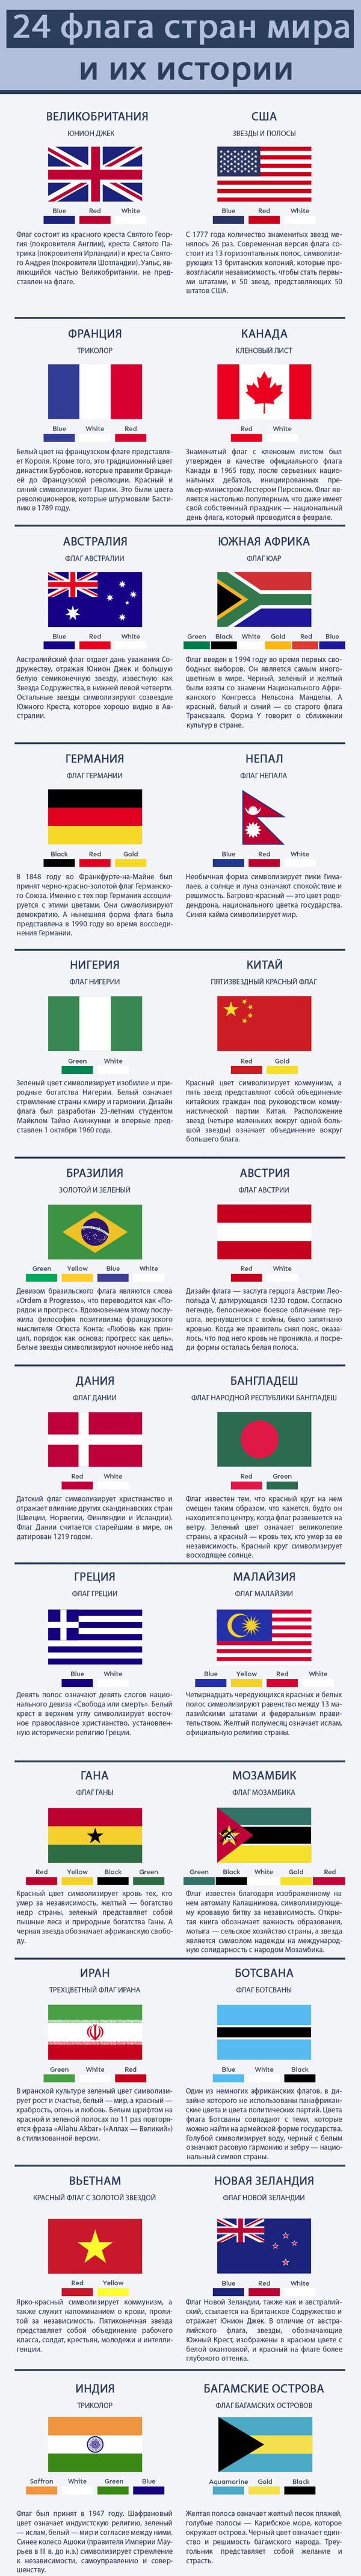 1449674354130173857 - Флаги стран мира в HD! Цвета, значение и символика флагов - 24 флага с наиболее интересным значением (картинка)